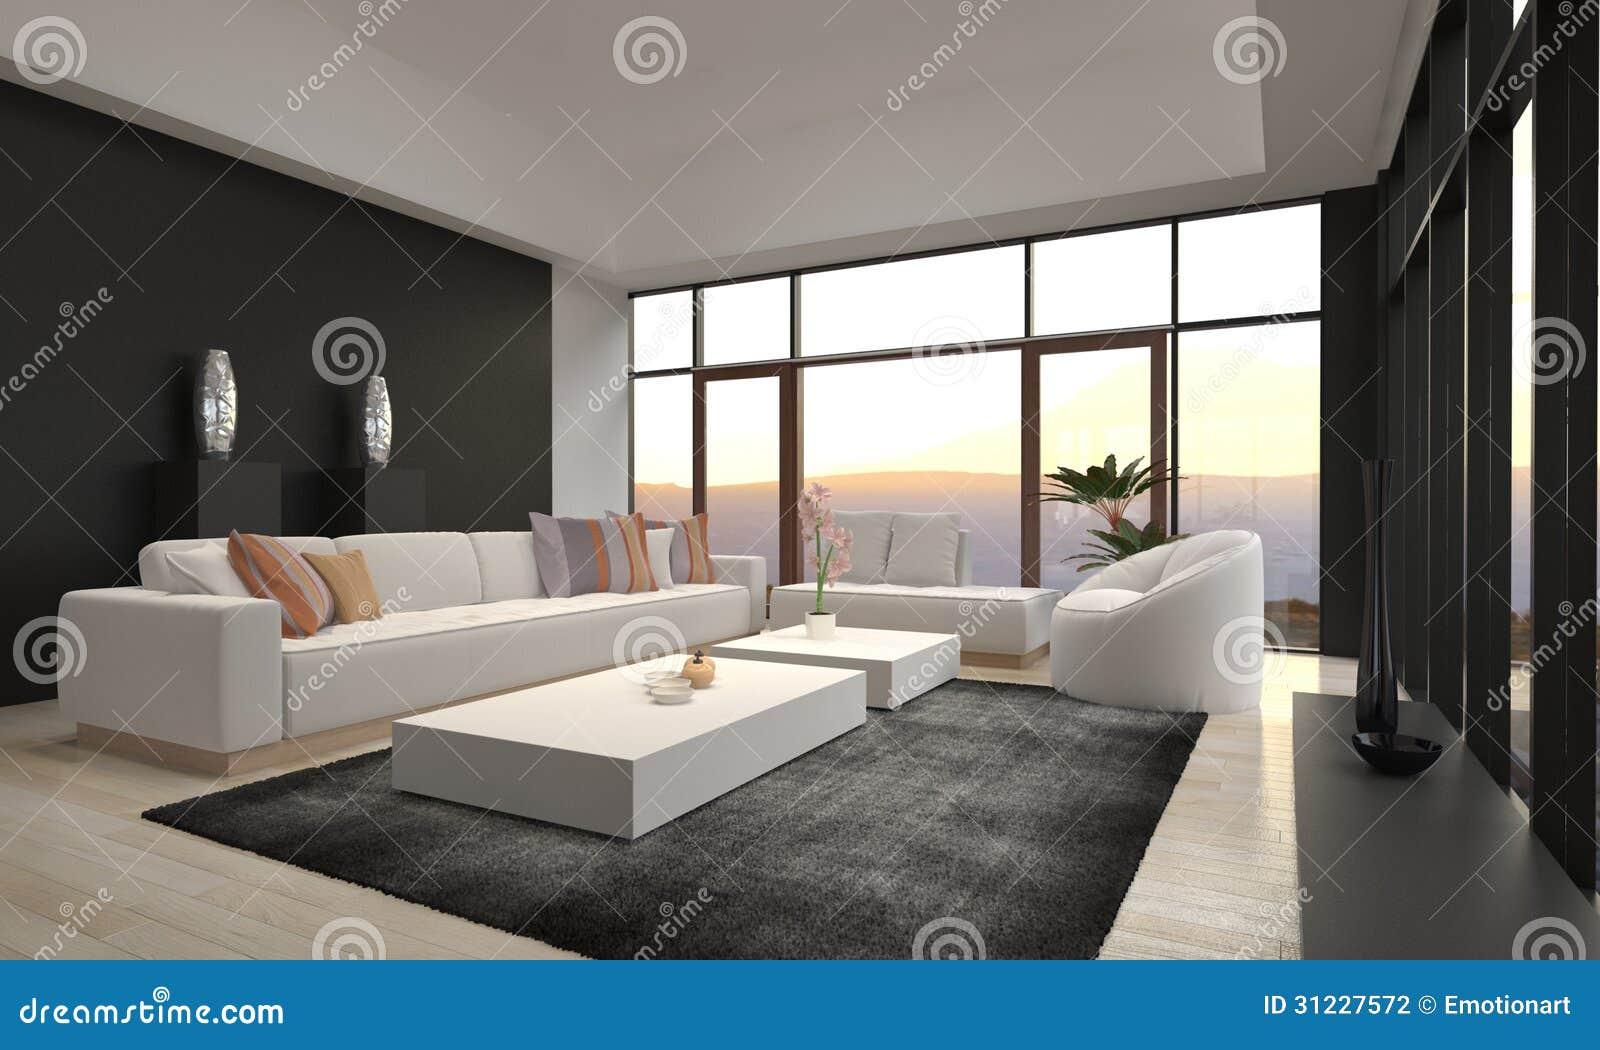 Modernes wohnzimmer bilder – midir